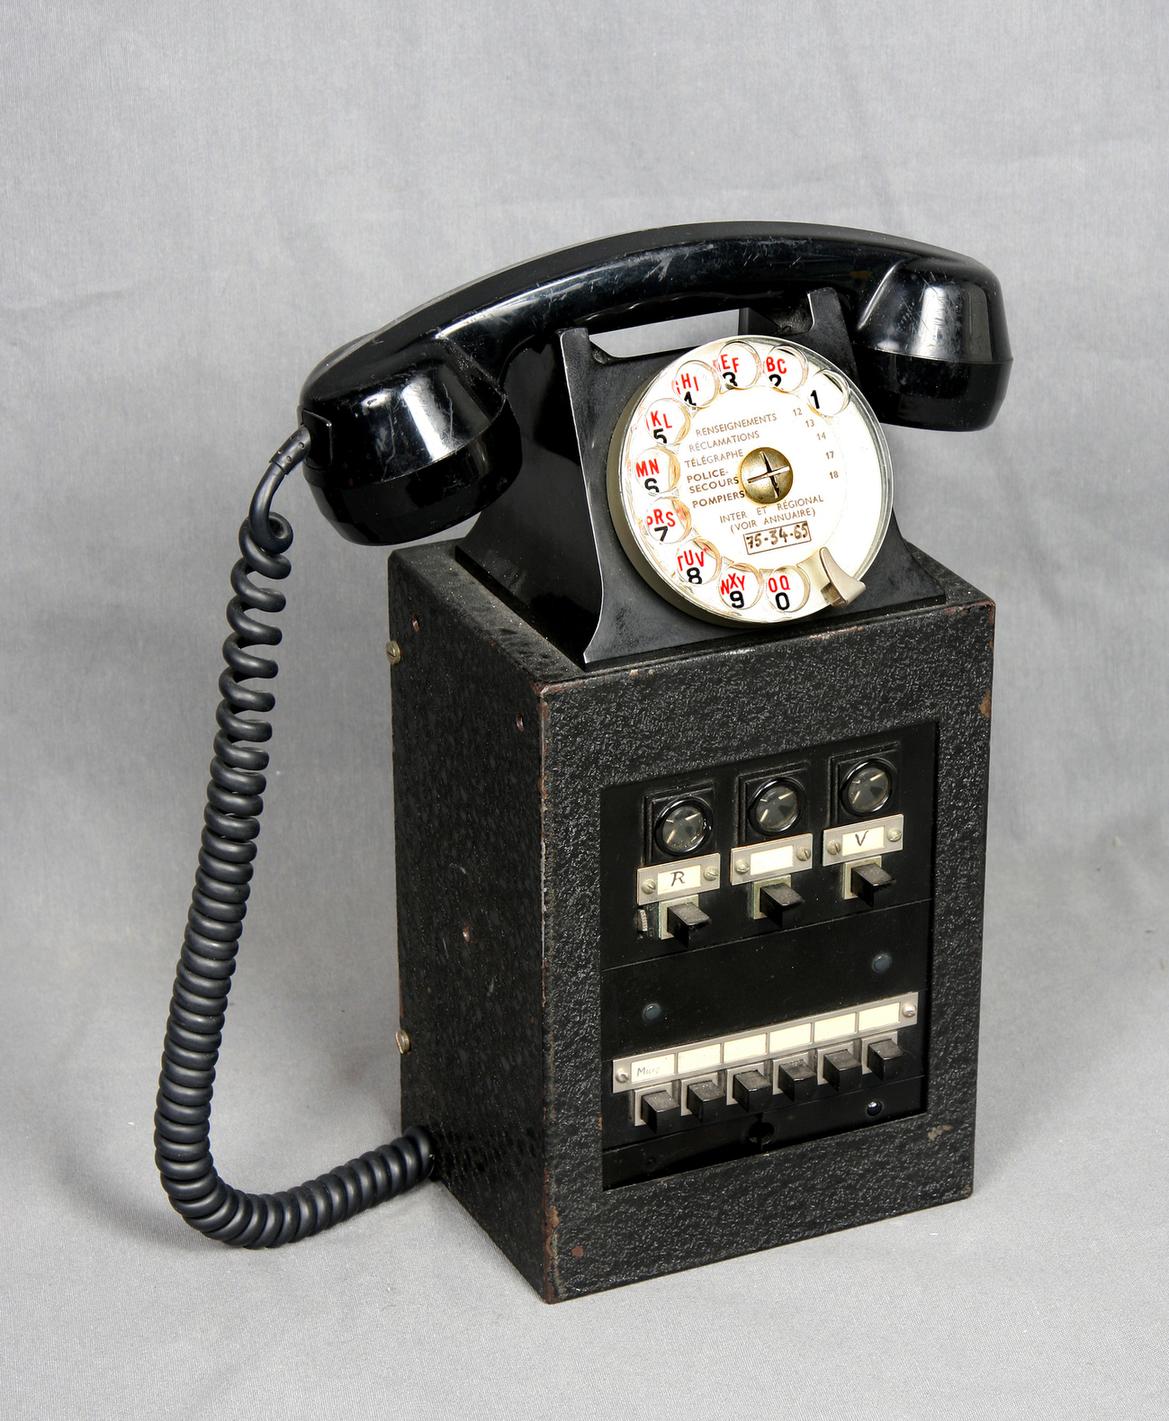 Ericsson 3+12 Office Telephone-